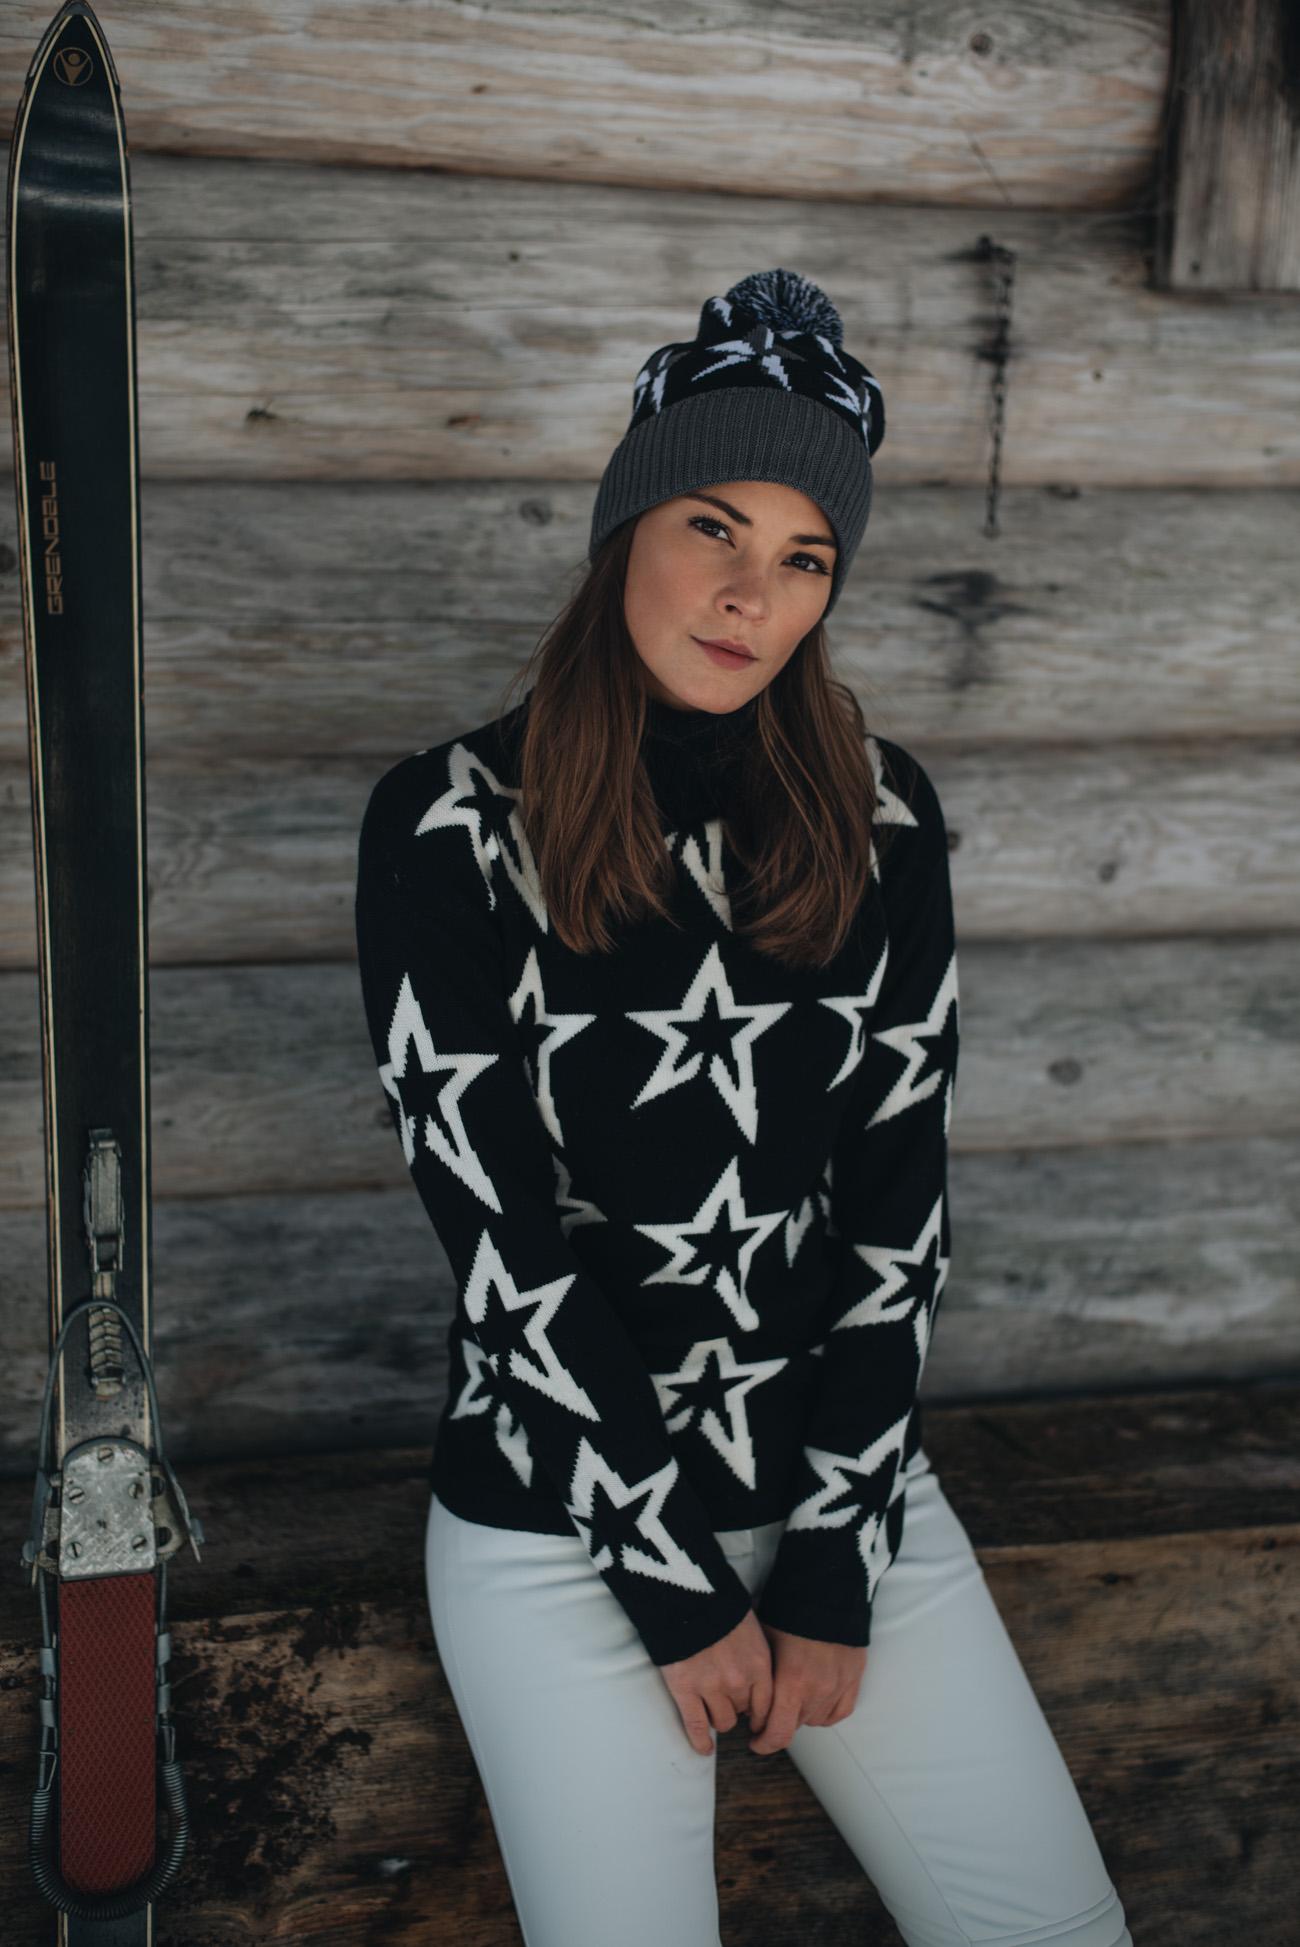 ski-bekleidung-skikleidung-modisch-damen-perfect-moment-wool-ski-sweater-Sternen-pullover-winter-fotoshooting-schnee-nina-schwichtenberg-fashionbloggerin-deutschland-münchen-fashiioncarpet